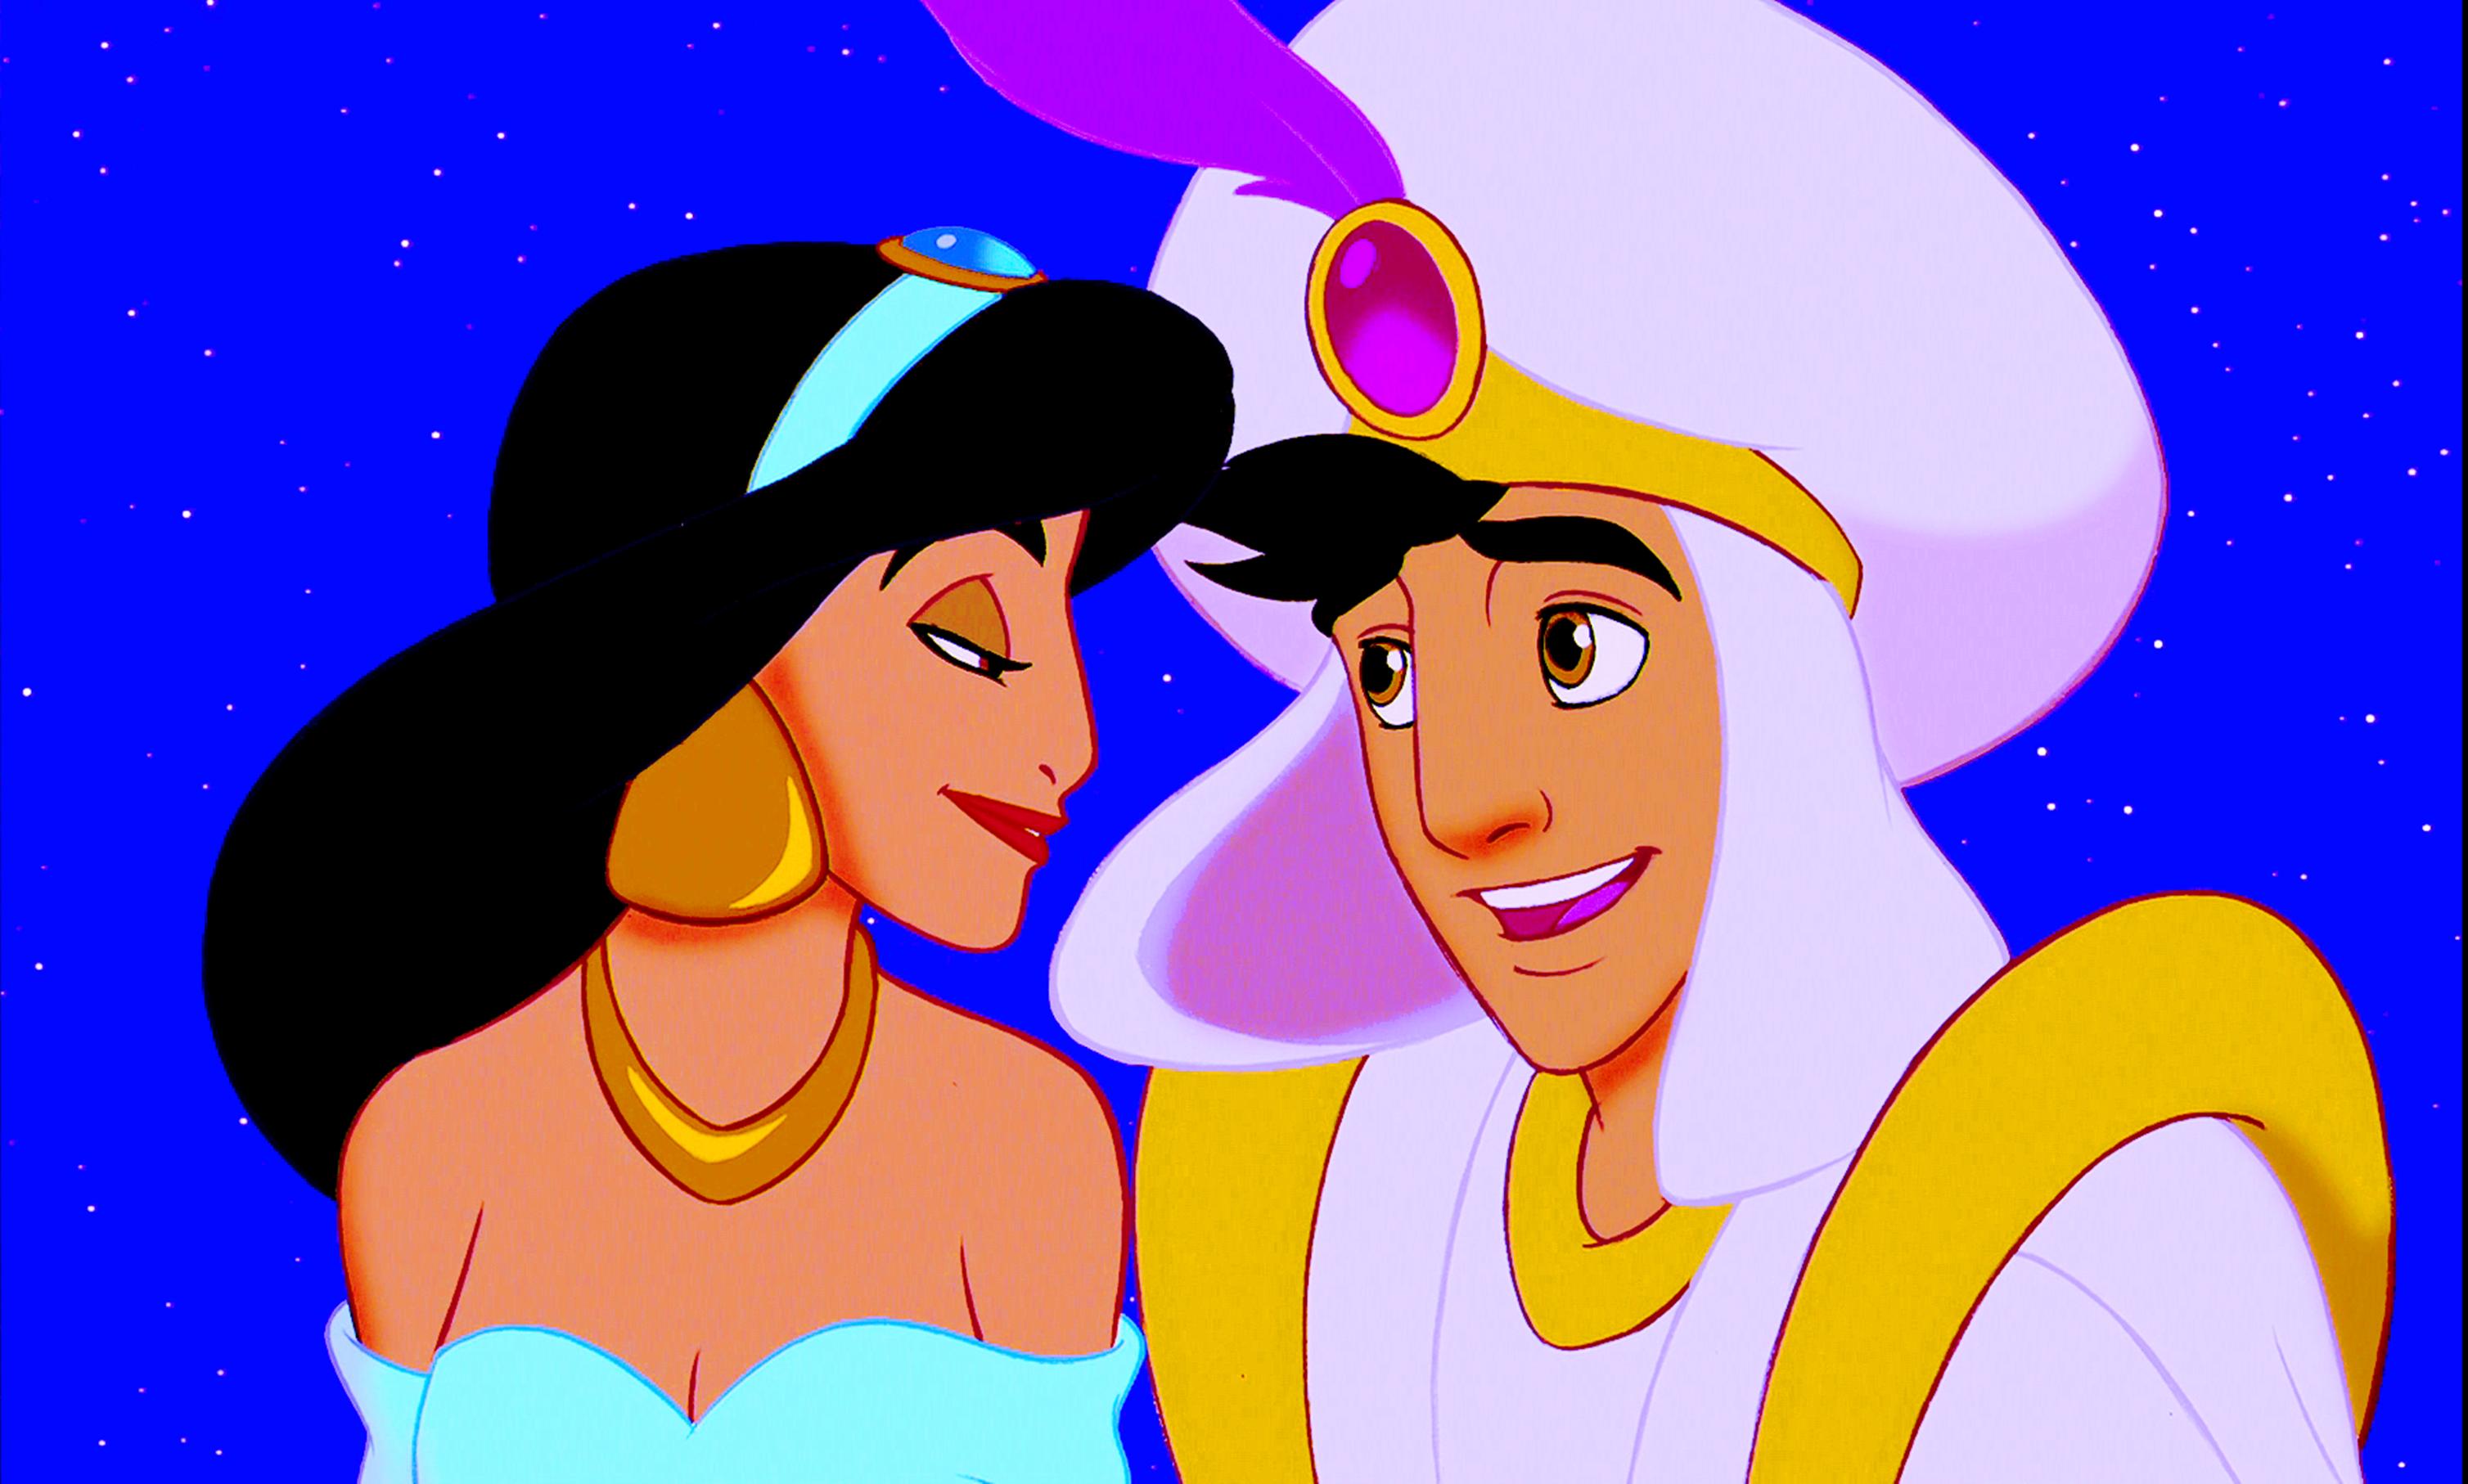 Walt Disney Screencaps – Princess Jasmine & Prince Aladdin